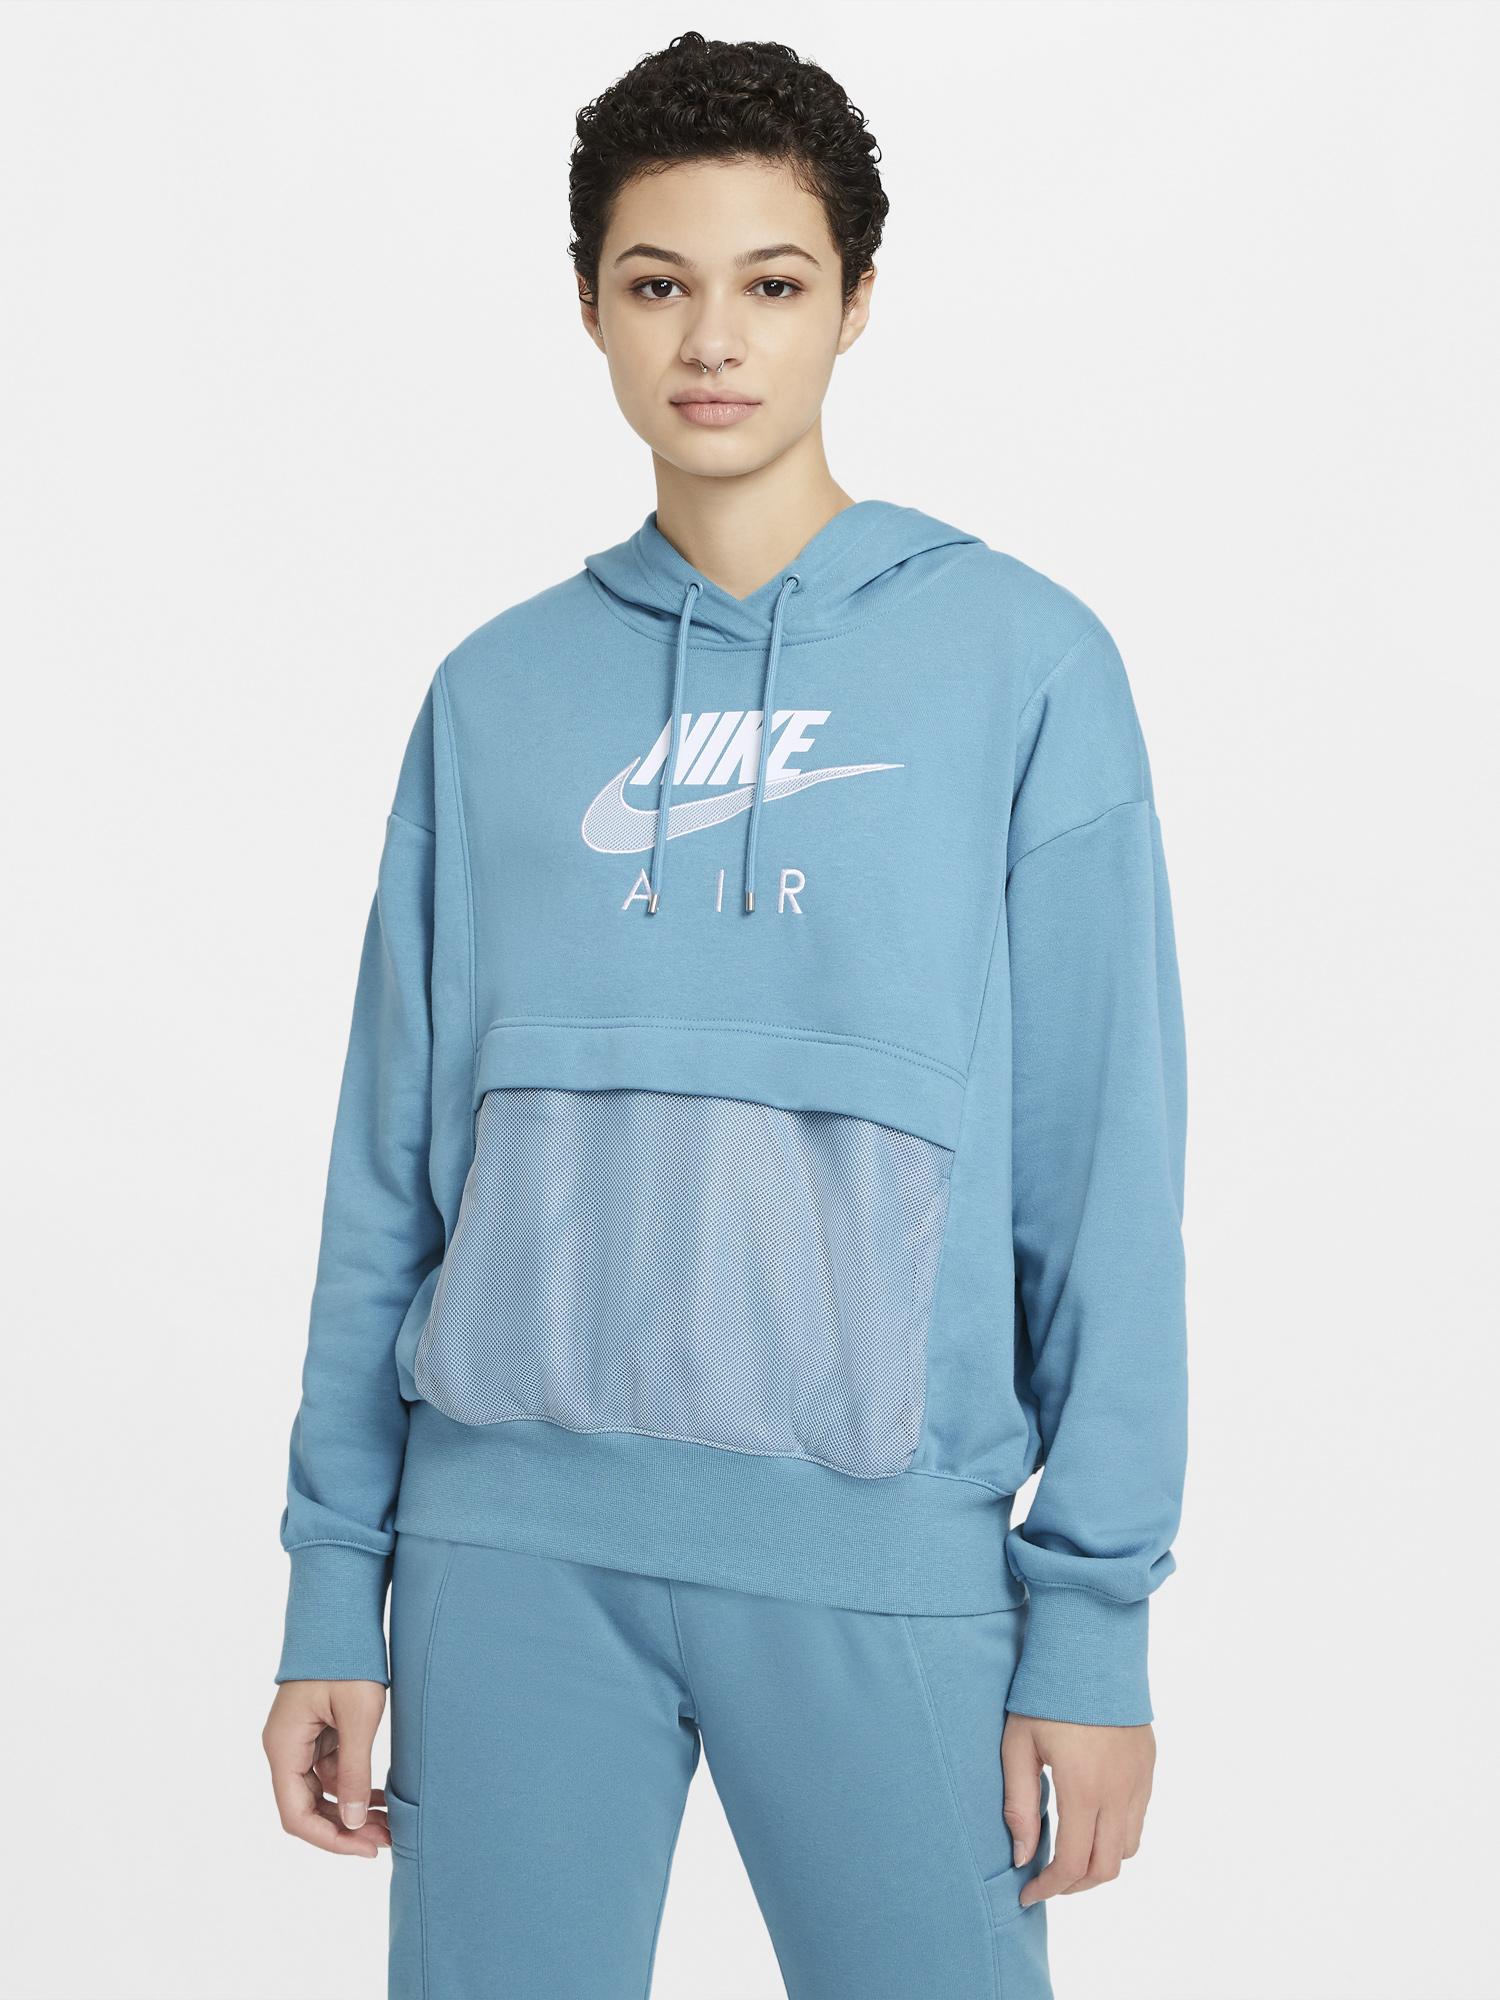 jordan-5-bluebird-womens-hoodie-match